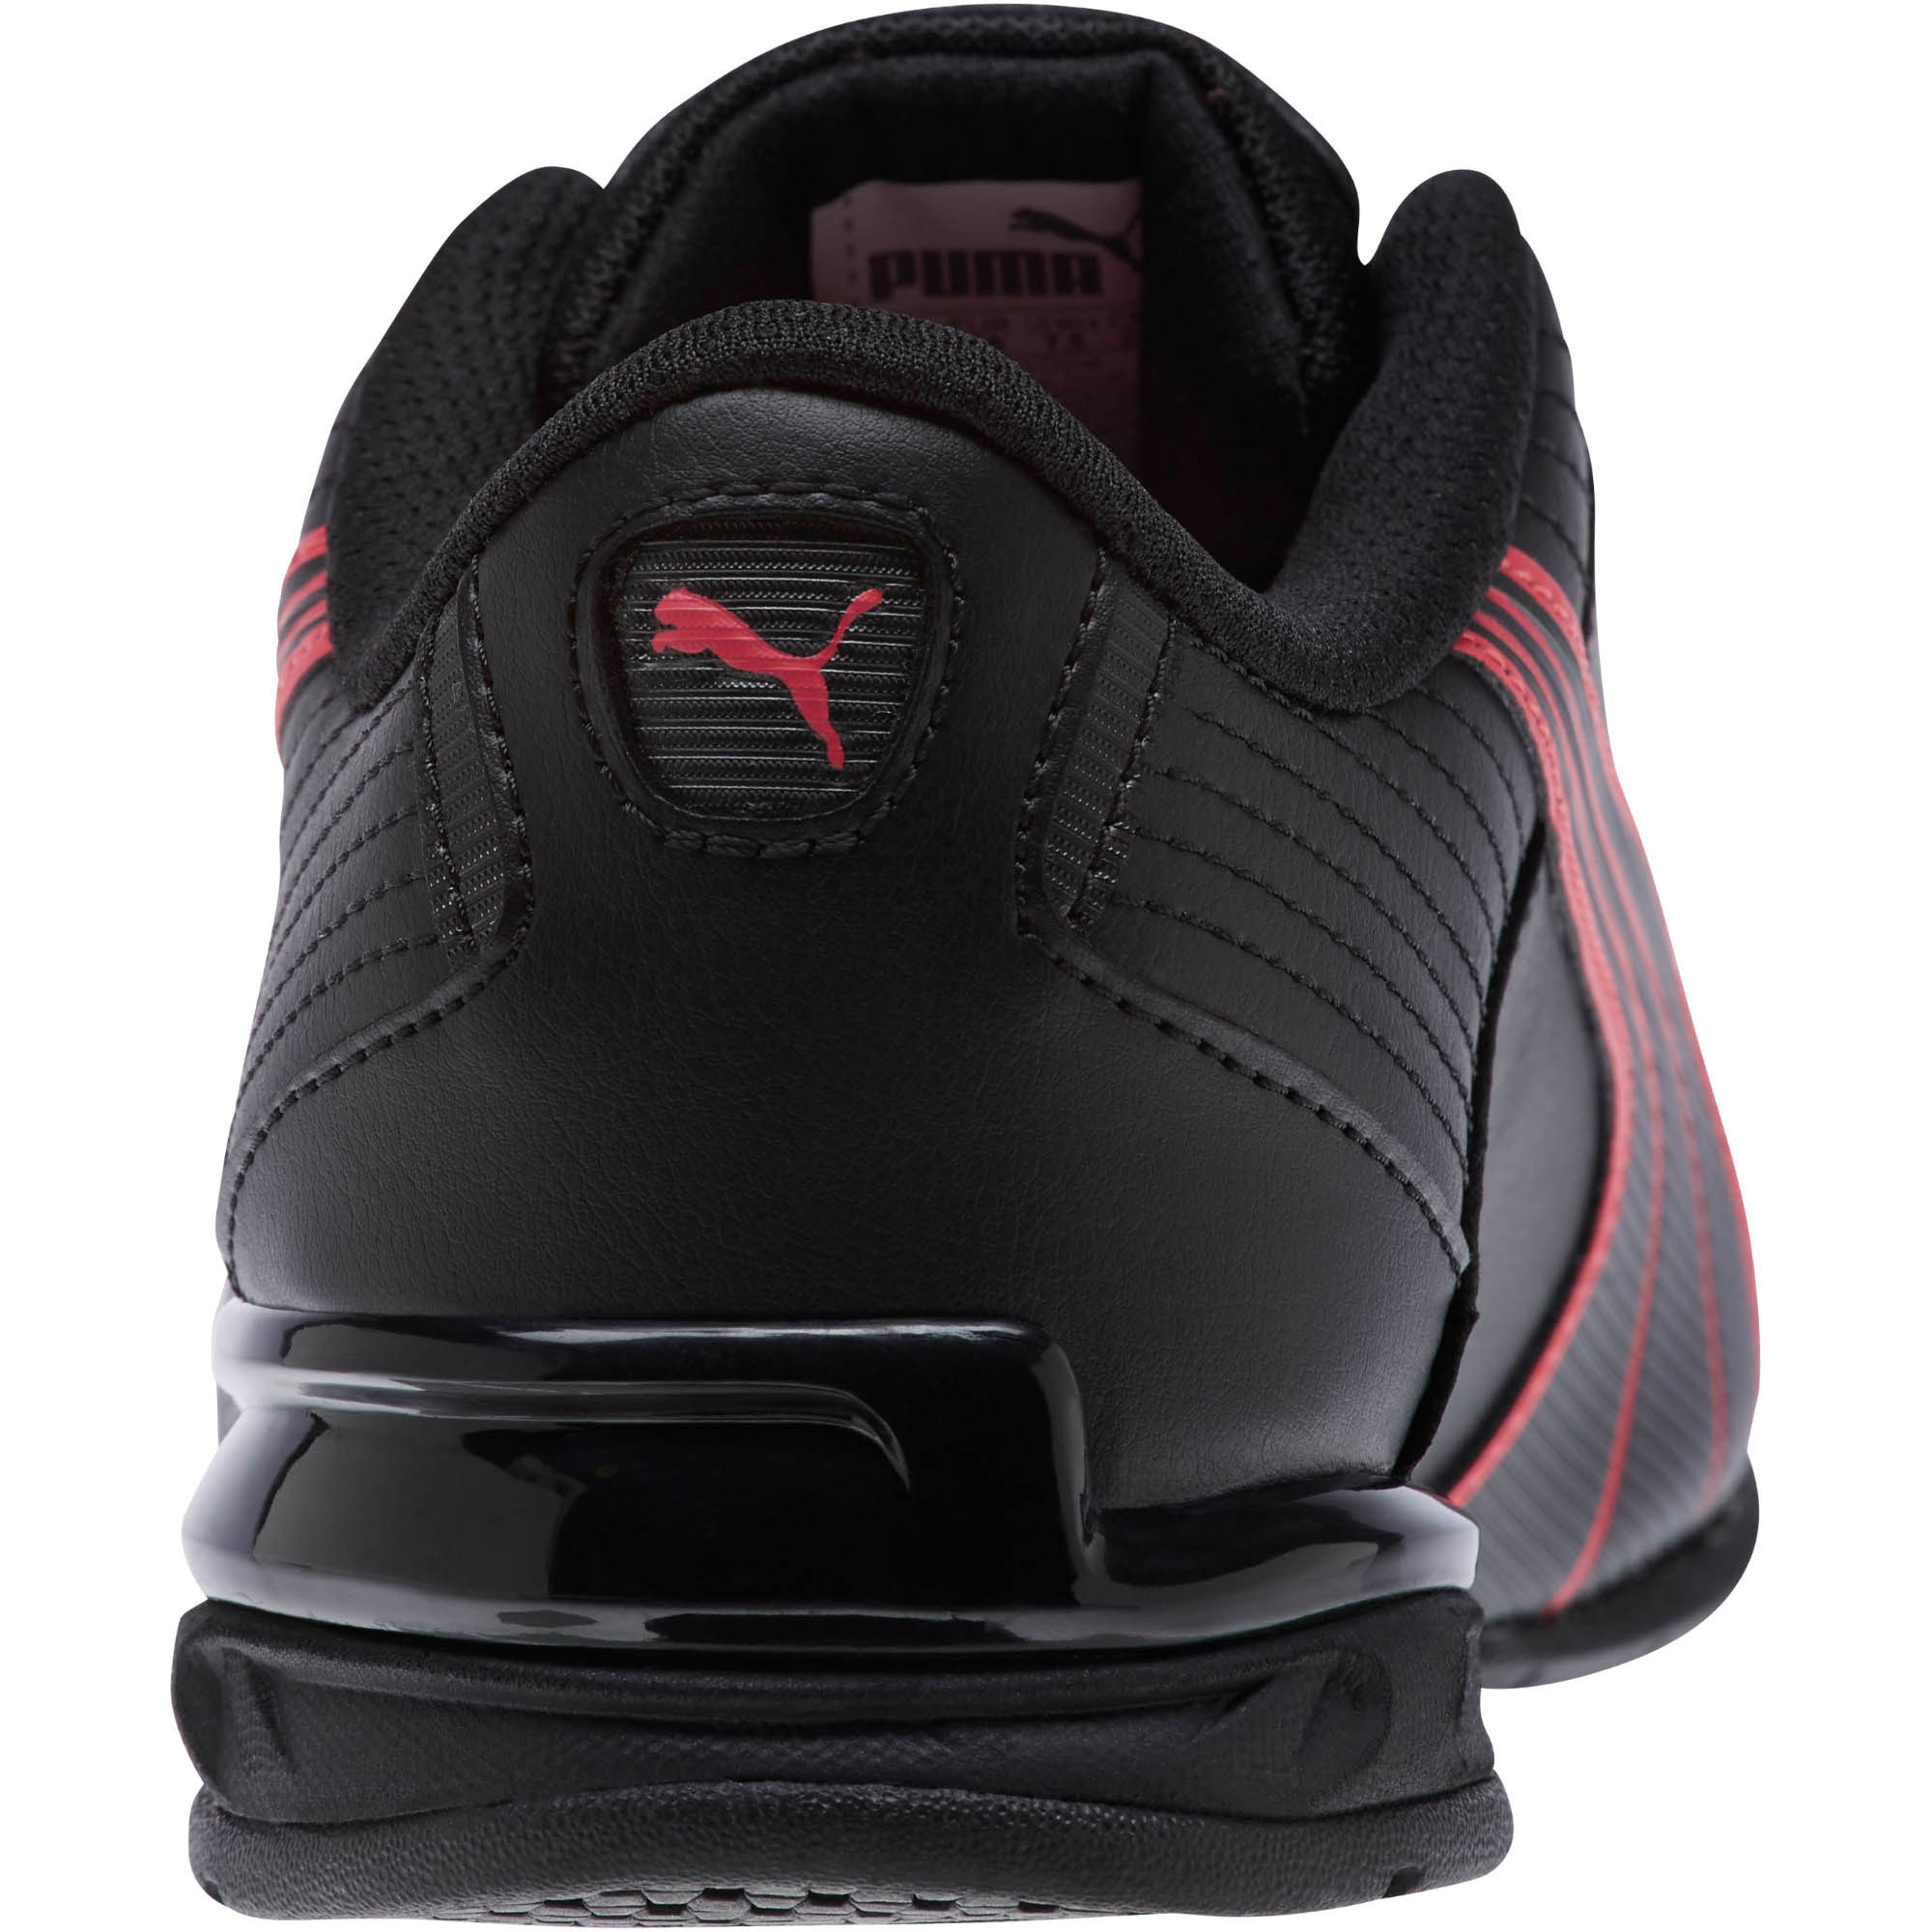 PUMA-Super-Elevate-Women-039-s-Training-Shoes-Women-Shoe-Running thumbnail 3